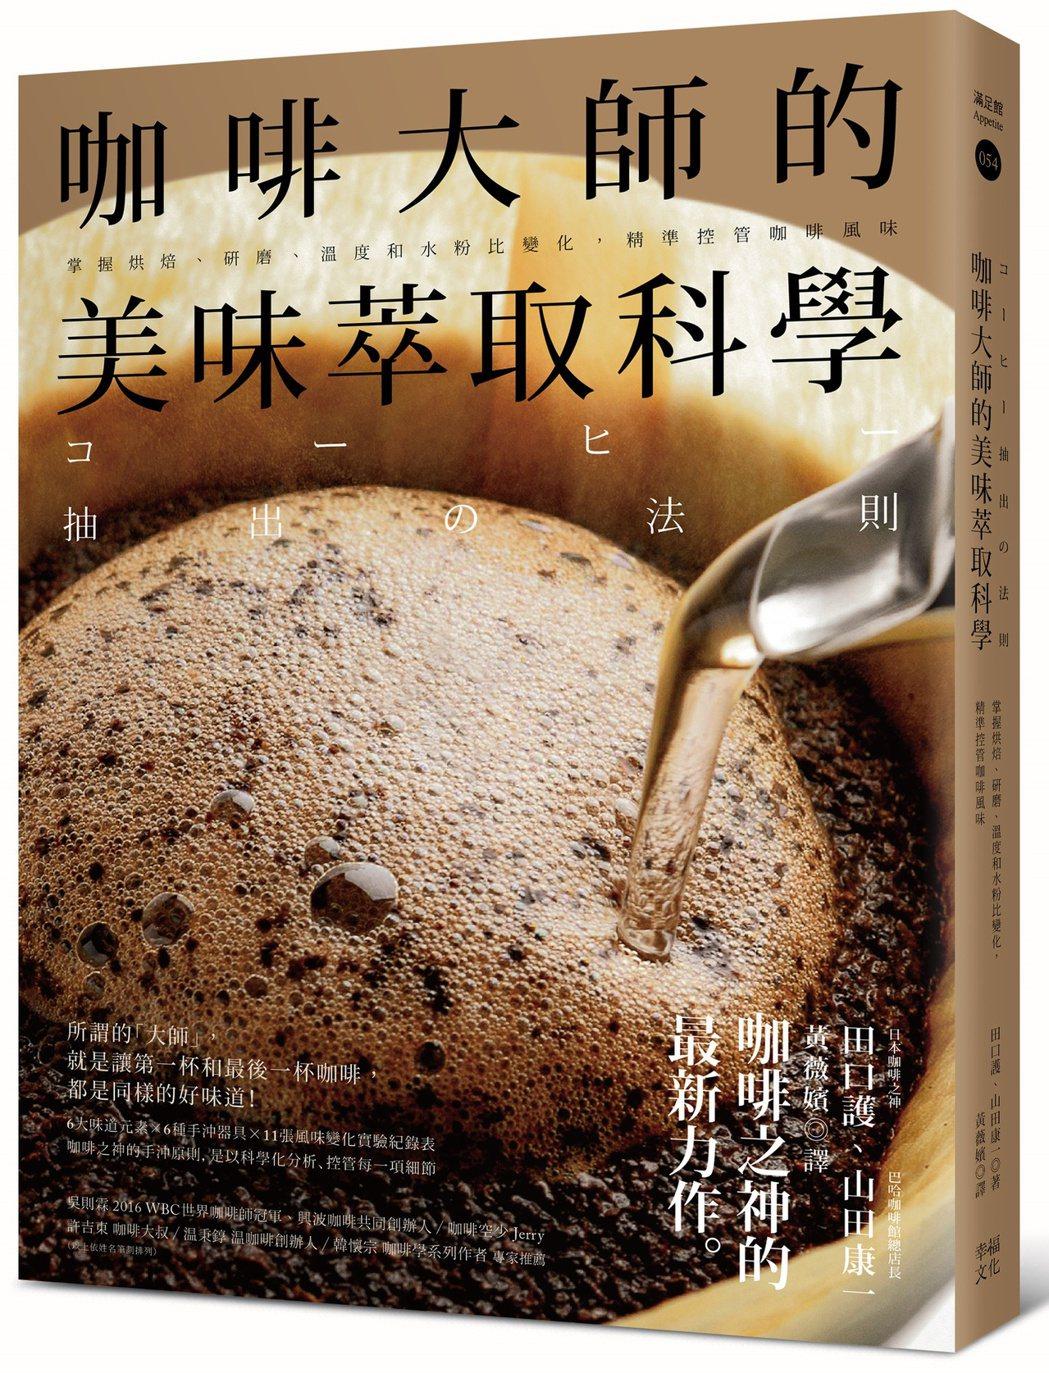 《咖啡大師的美味萃取科學》、作者:田口護/山田康一、譯者:黃薇嬪、提供:幸福文化